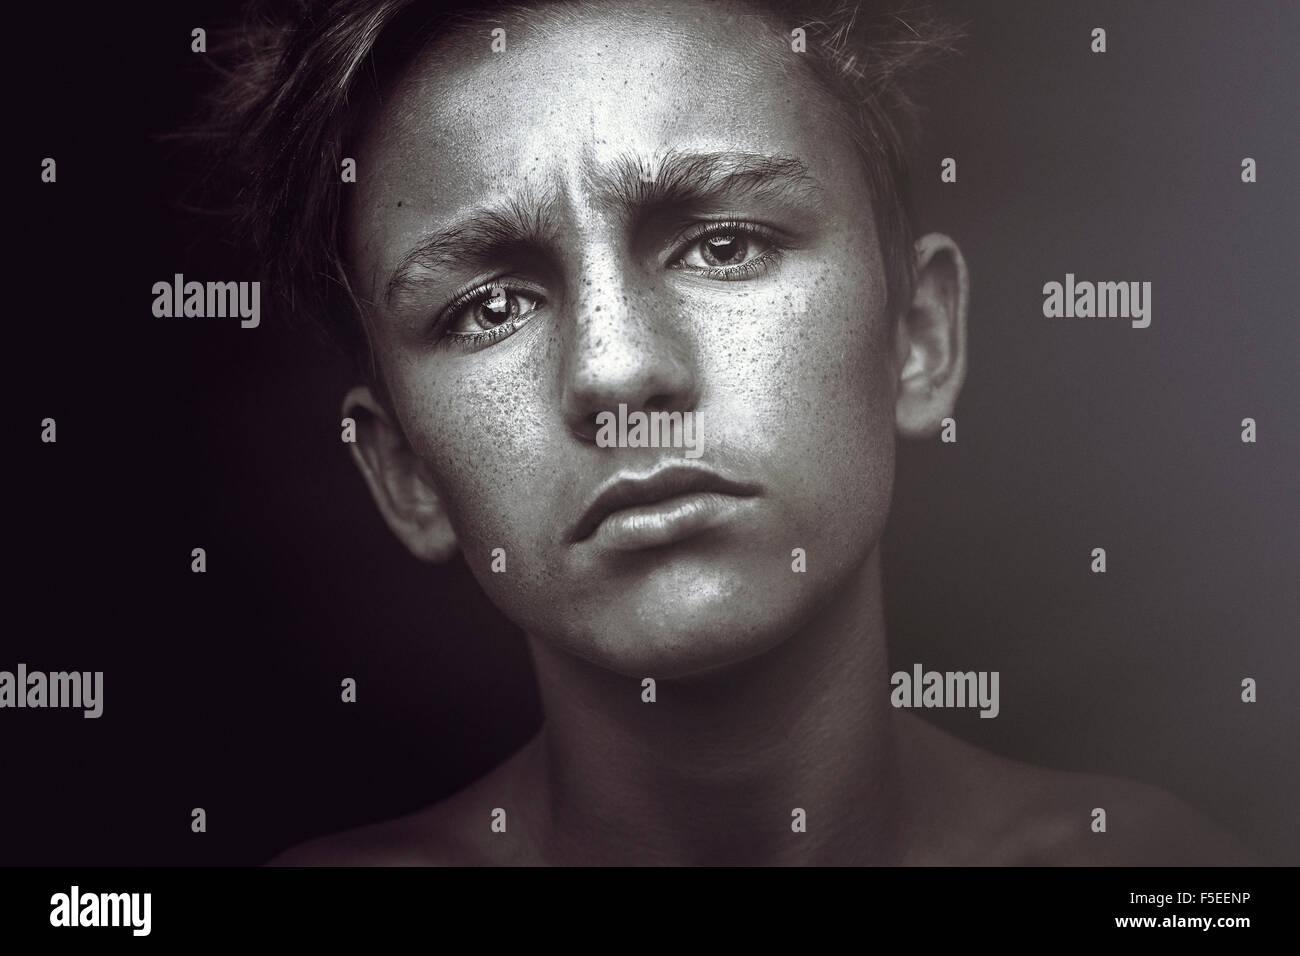 Porträt von einem Teenager suchen traurig Stockbild